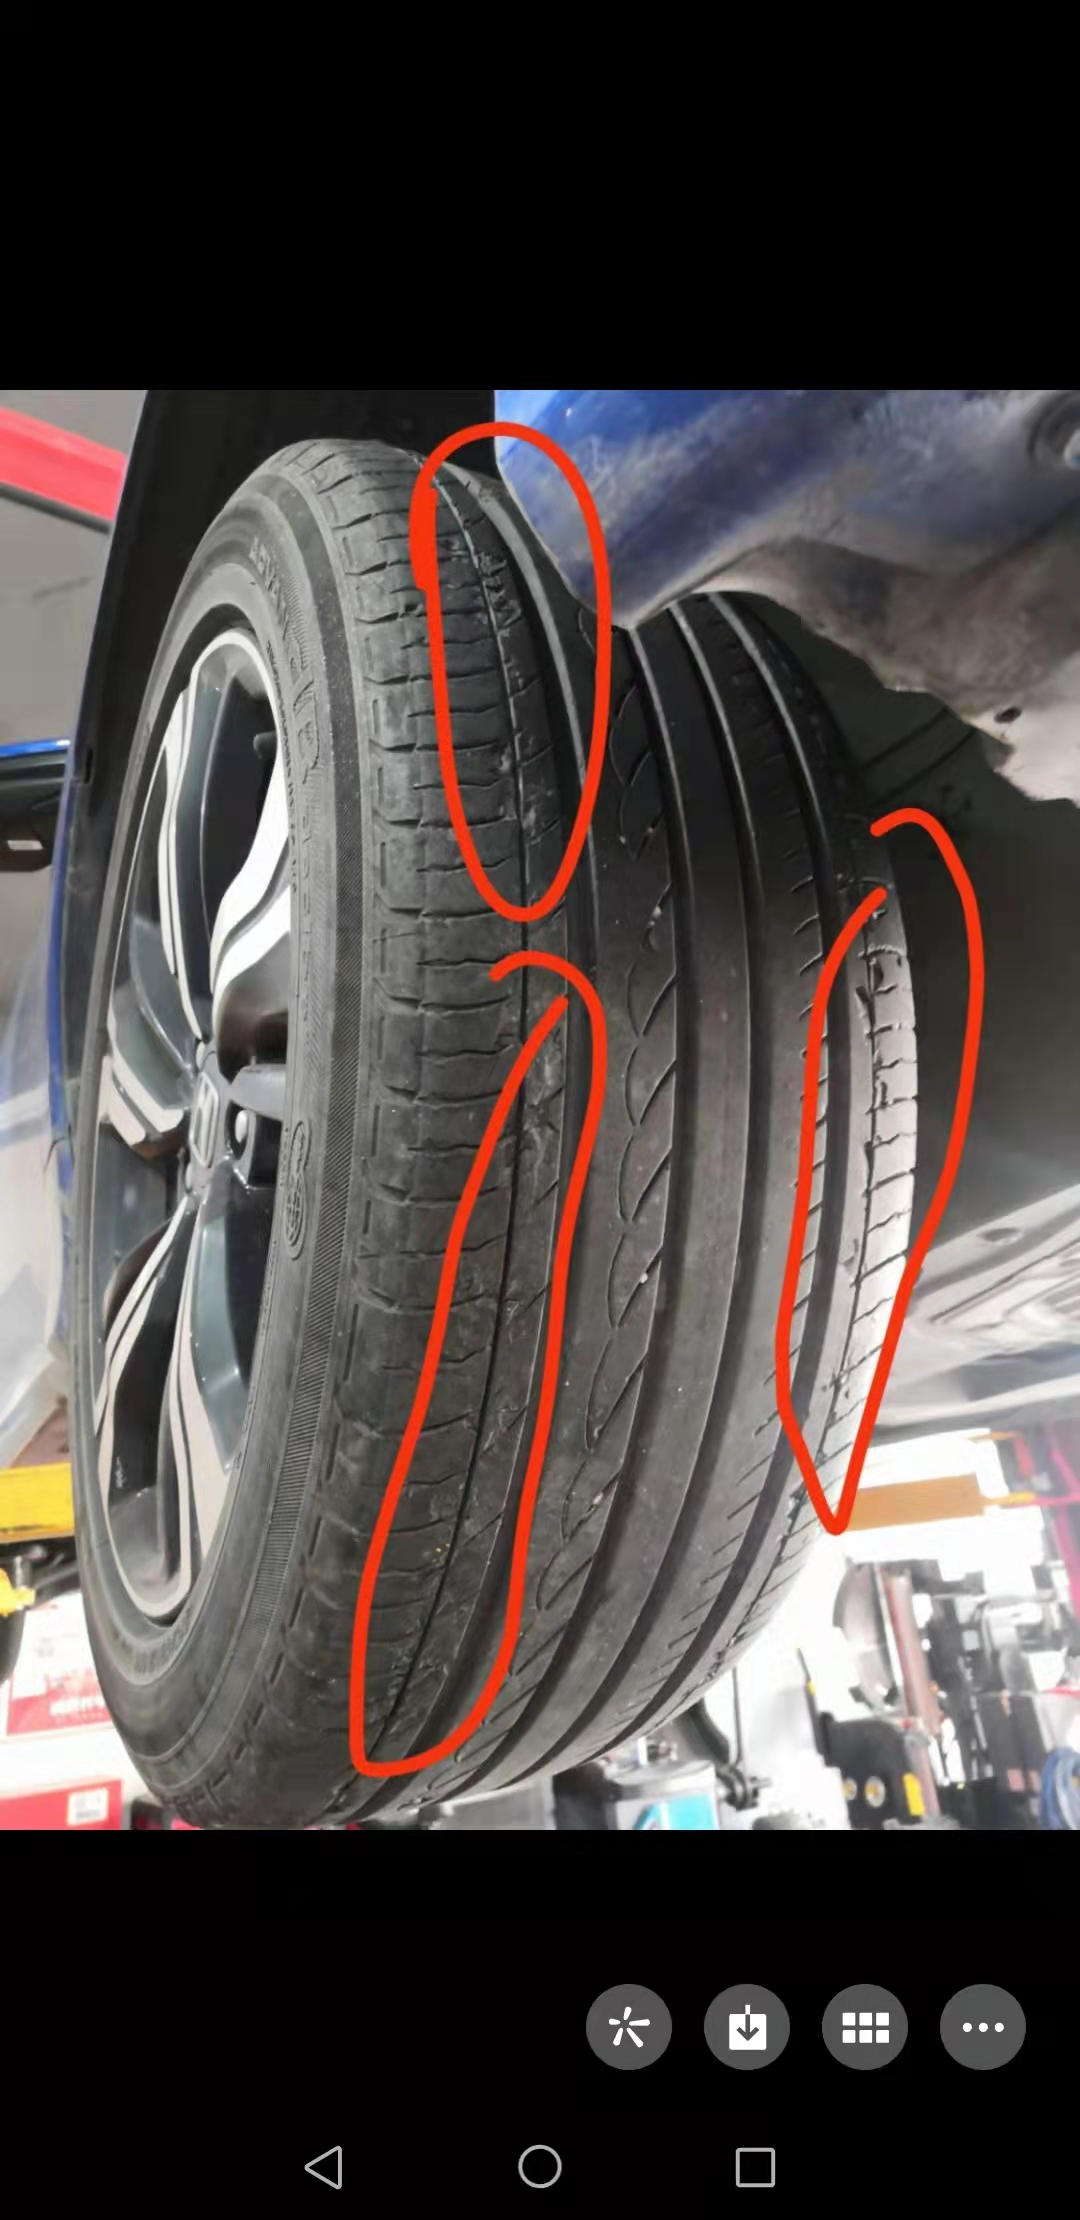 东风本田思域车辆轮胎存在掉皮严重和开裂的质量问题,要求厂家给予更换维修